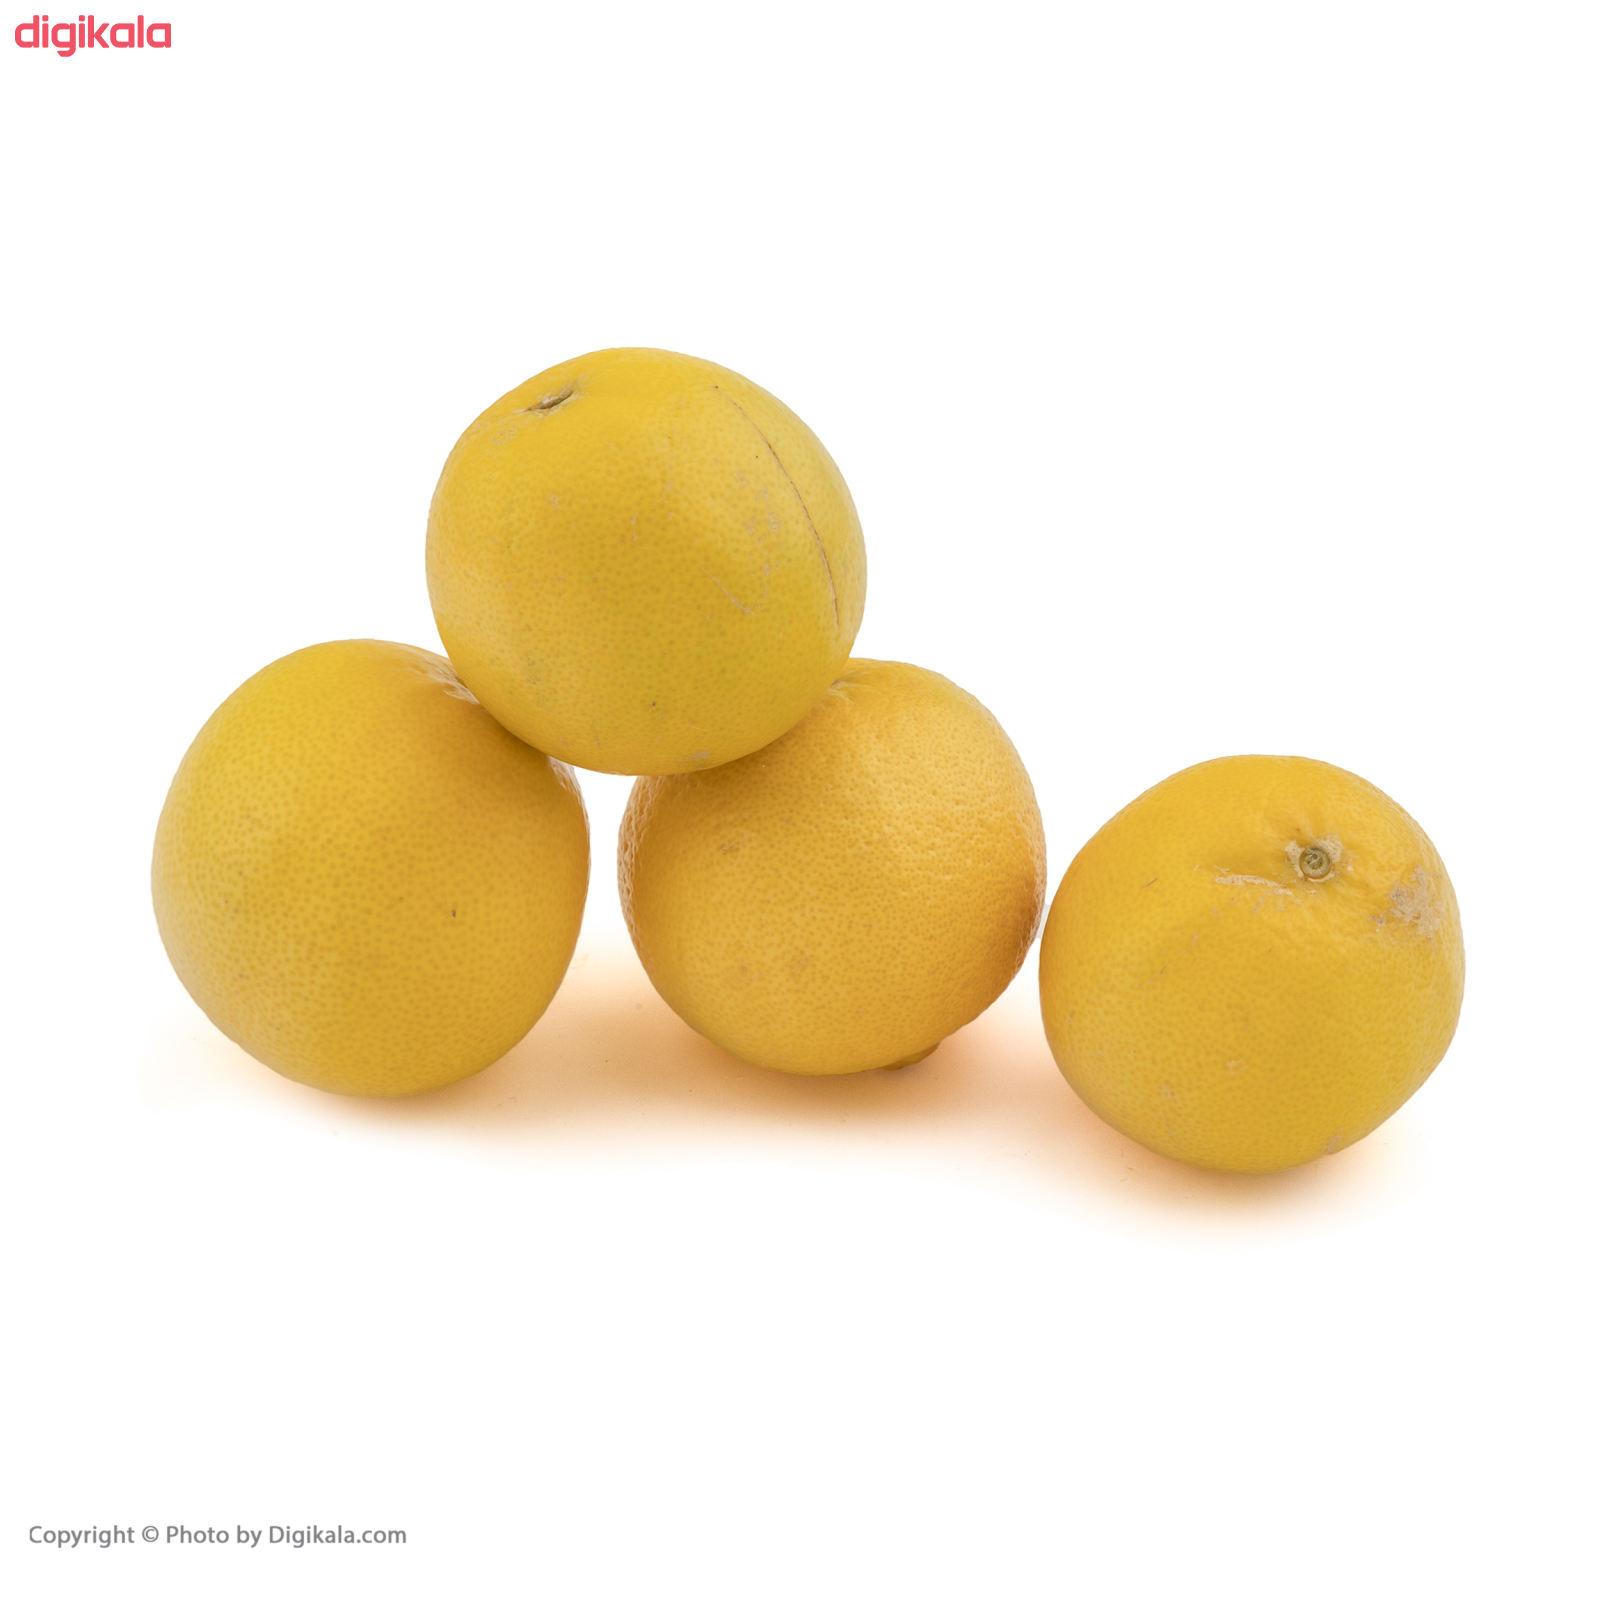 لیمو شیرین میوکات - 1 کیلوگرم main 1 2